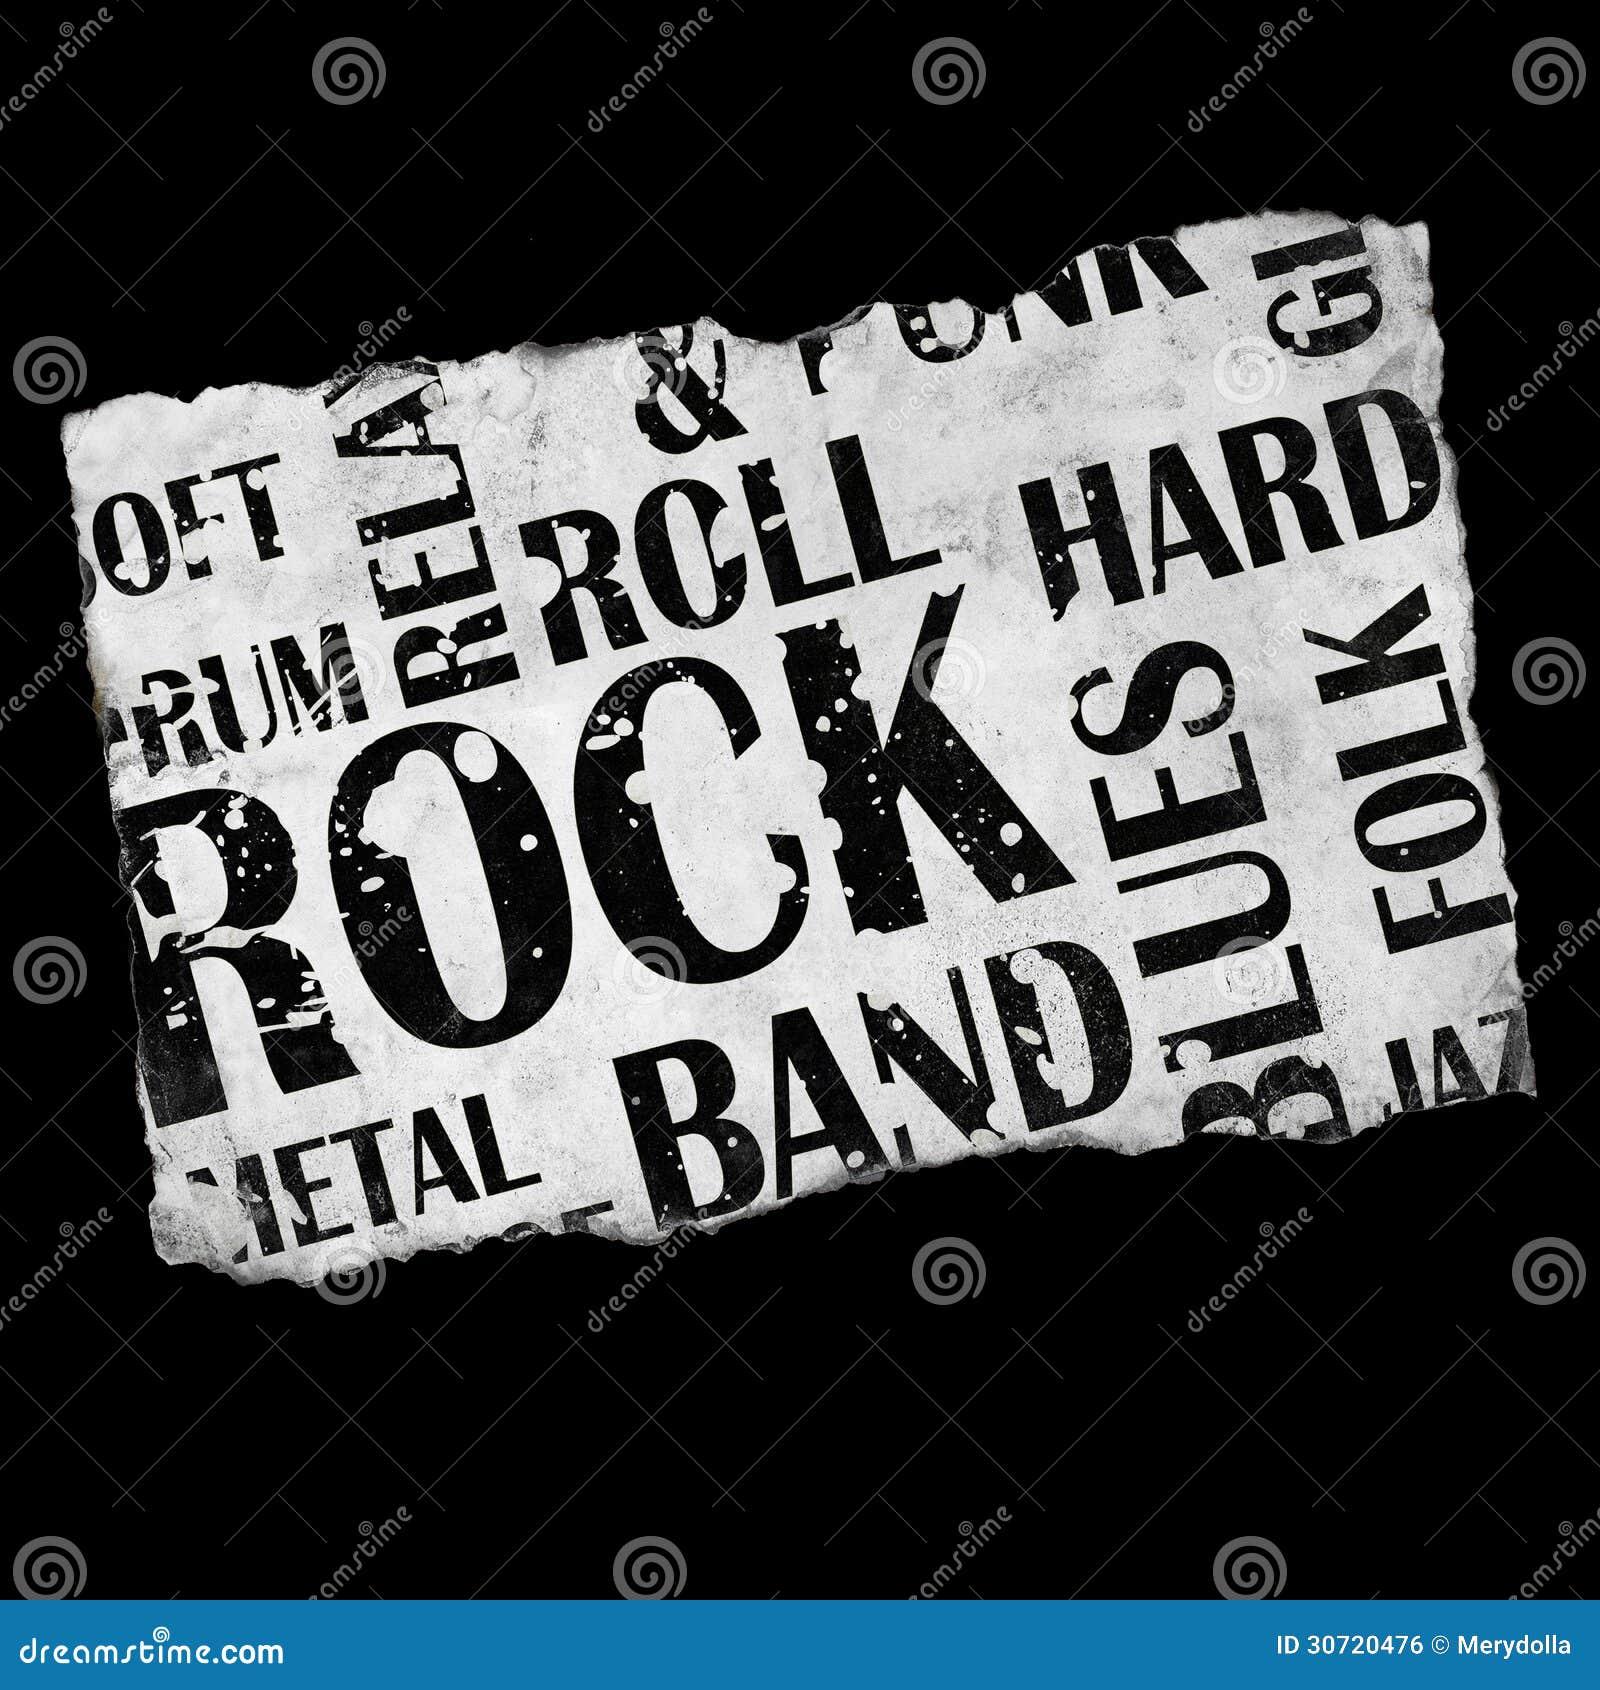 Grunge rock music poster on dark background.